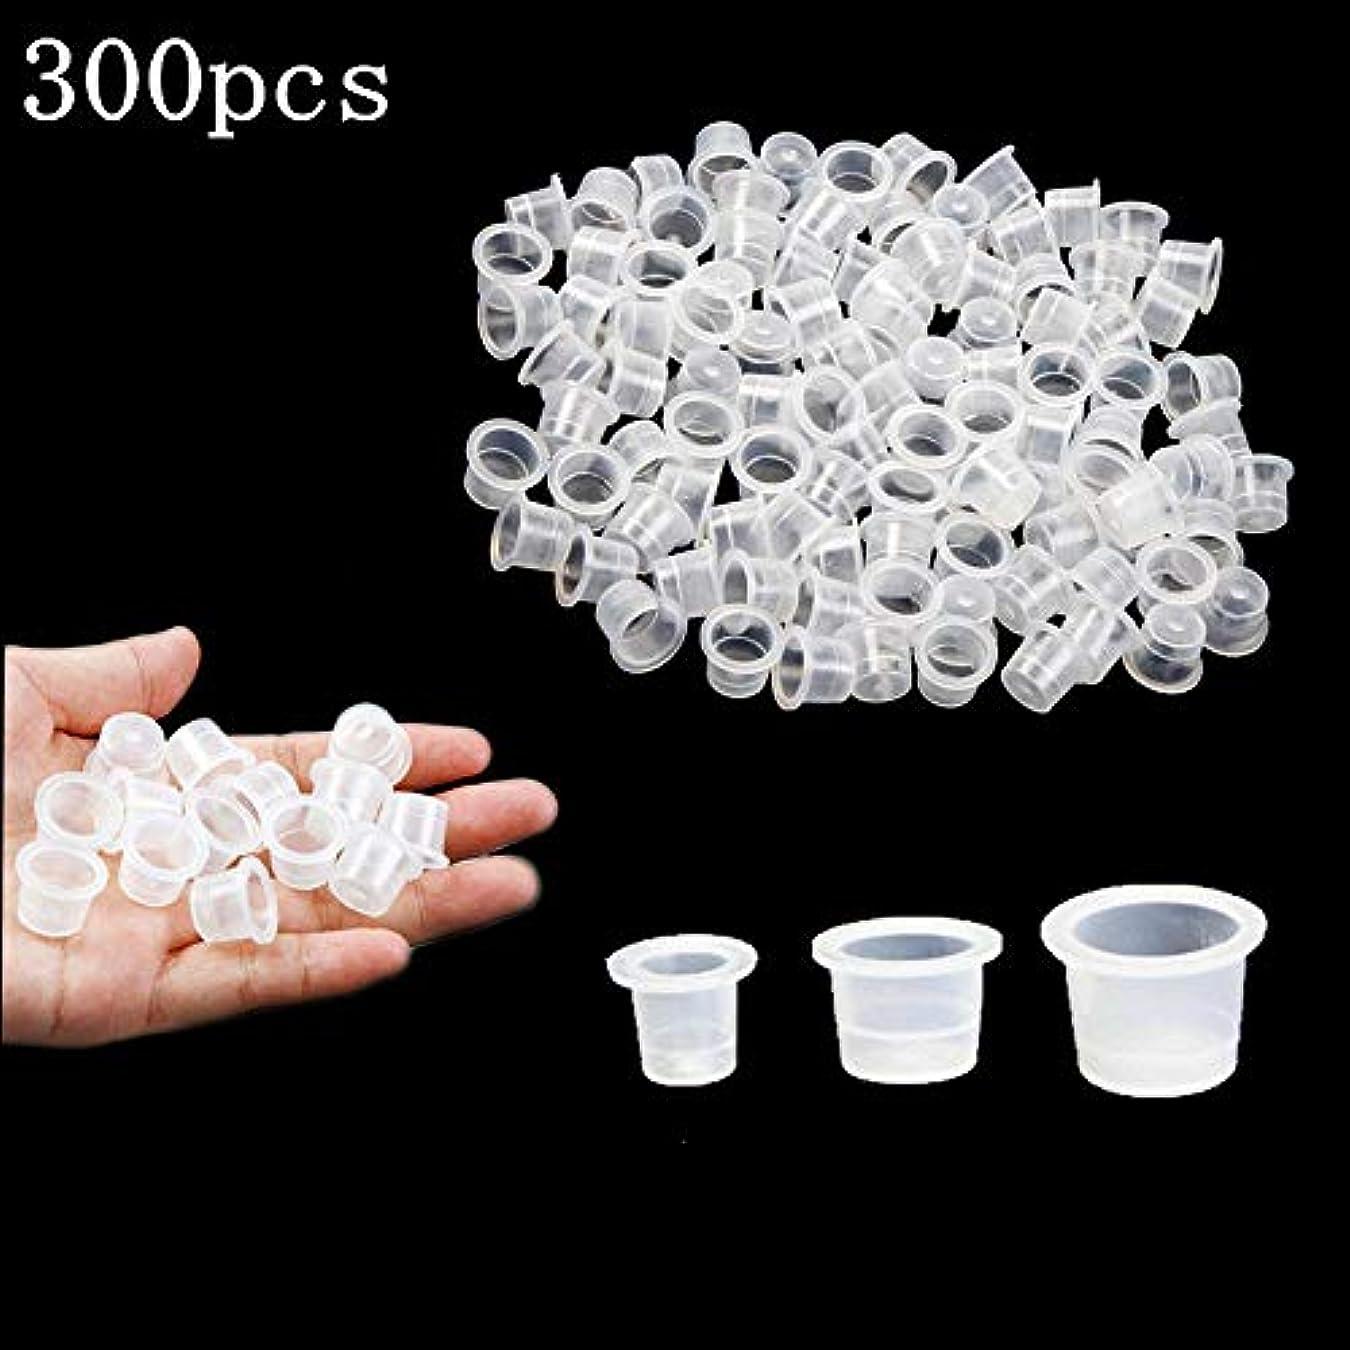 ラジウムリクルートクレタKingsie インクキャップ 300個セット タトゥーインクカップ 使い捨て ホワイト 半透明 S/M/L